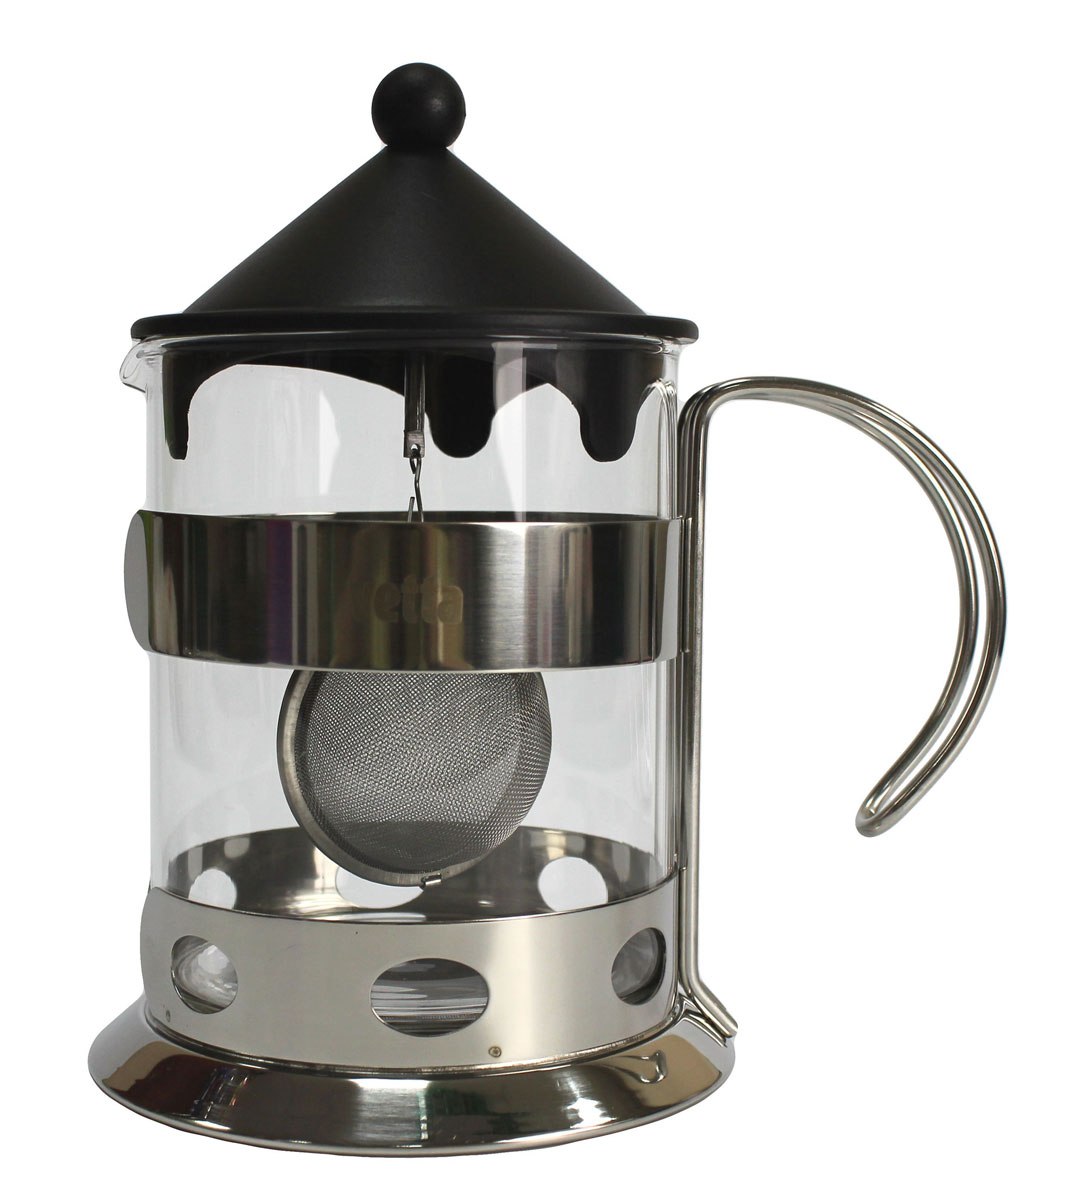 Чайник заварочный Vetta, 1,2 л68/5/4Заварочный чайник Vetta из нержавеющей стали, стекла и силикона. Легкий, прочный. Хорошо впишется в любой интерьер. Удобный в применении.